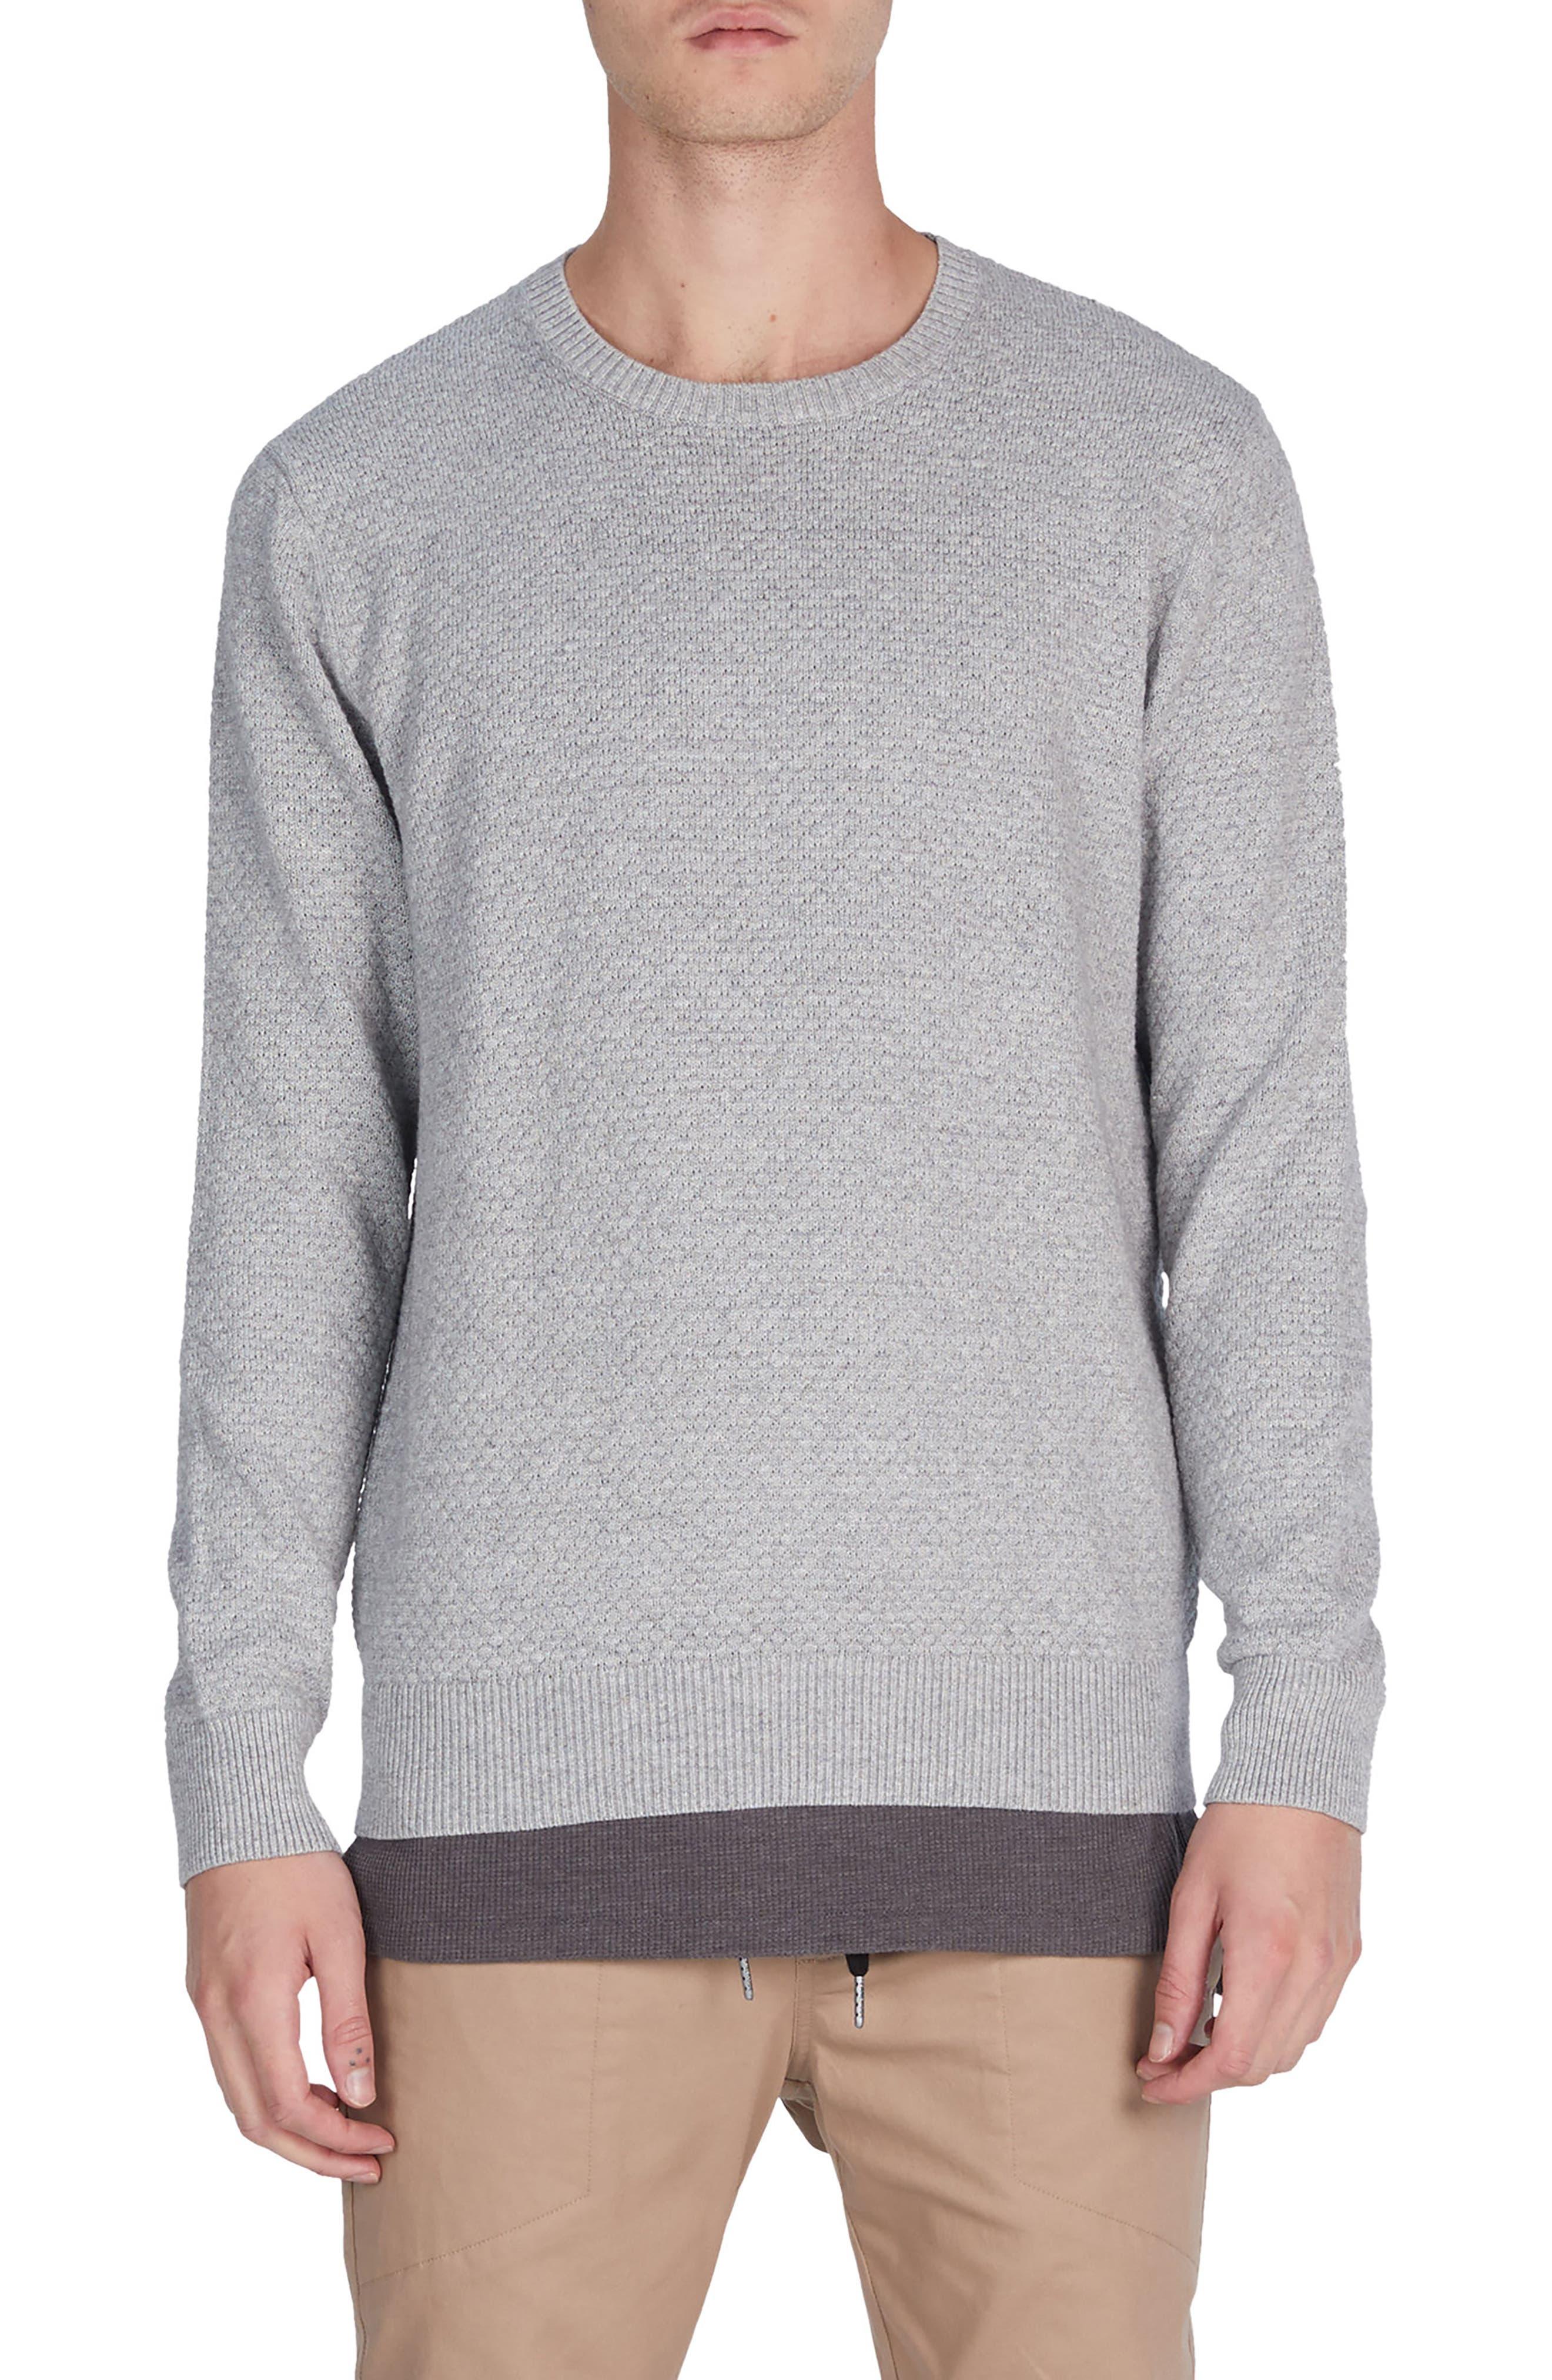 Grip Crewneck Sweater,                             Main thumbnail 1, color,                             030